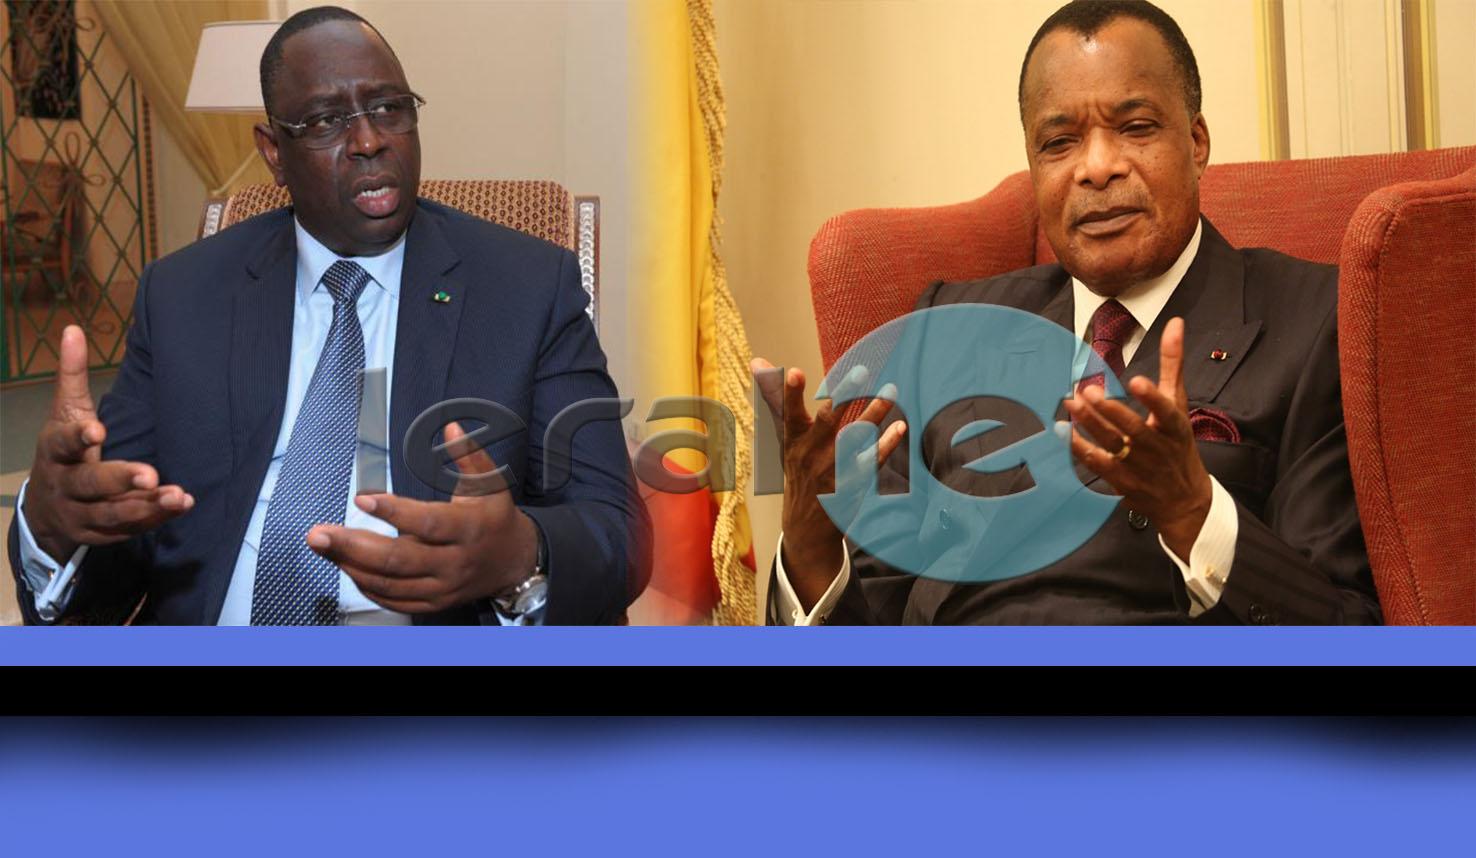 Crise post-électorale au Gabon: Macky Sall et Denis Sassou Nguesso en sapeurs-pompiers à Libreville